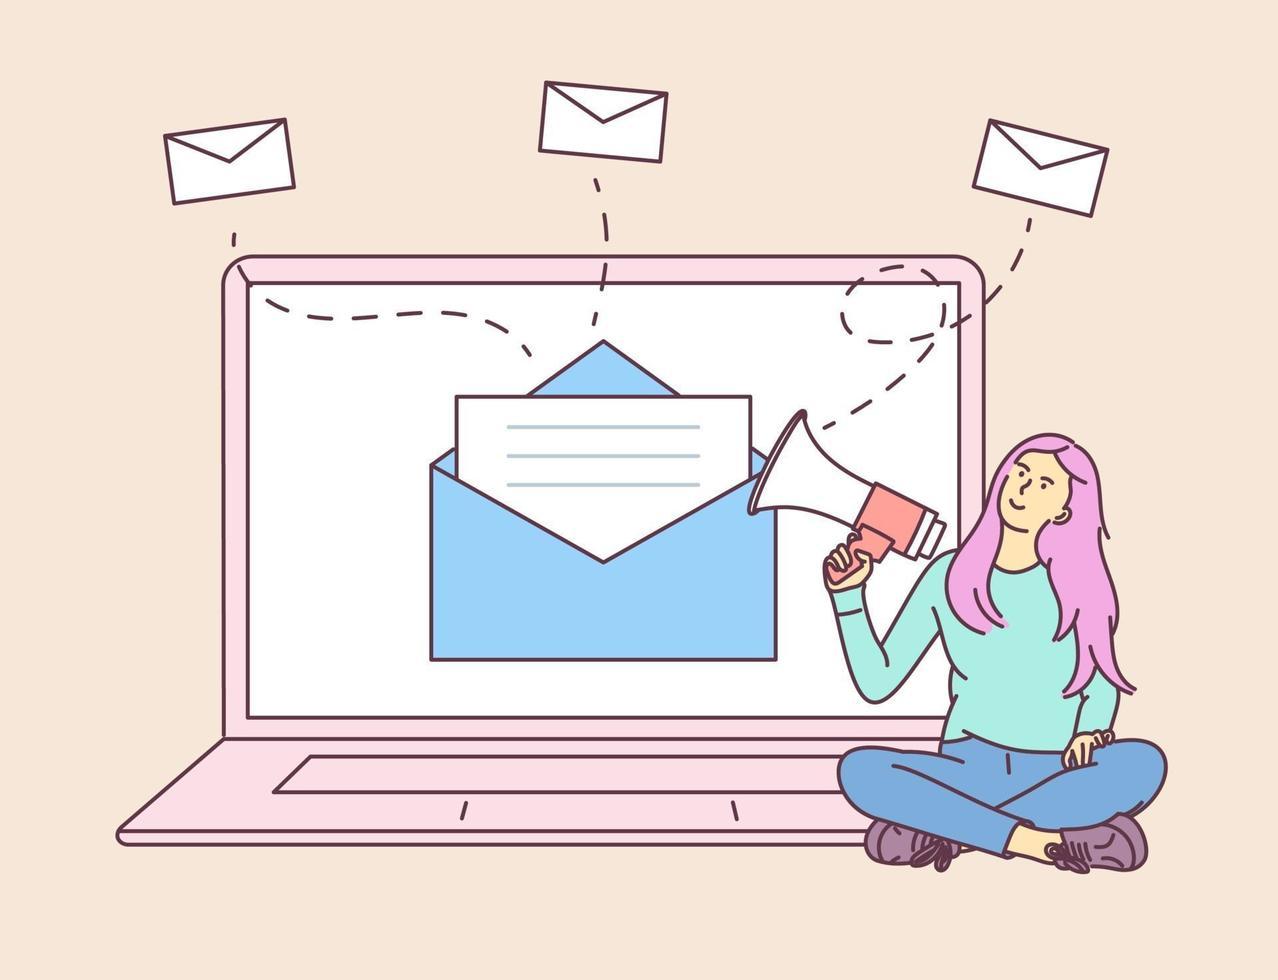 digitales Marketing, E-Mail-Kampagnenkonzept. junge Frau Mädchen am Laptop, hält Sprechen mit einem Megaphon. flache Vektorillustration vektor